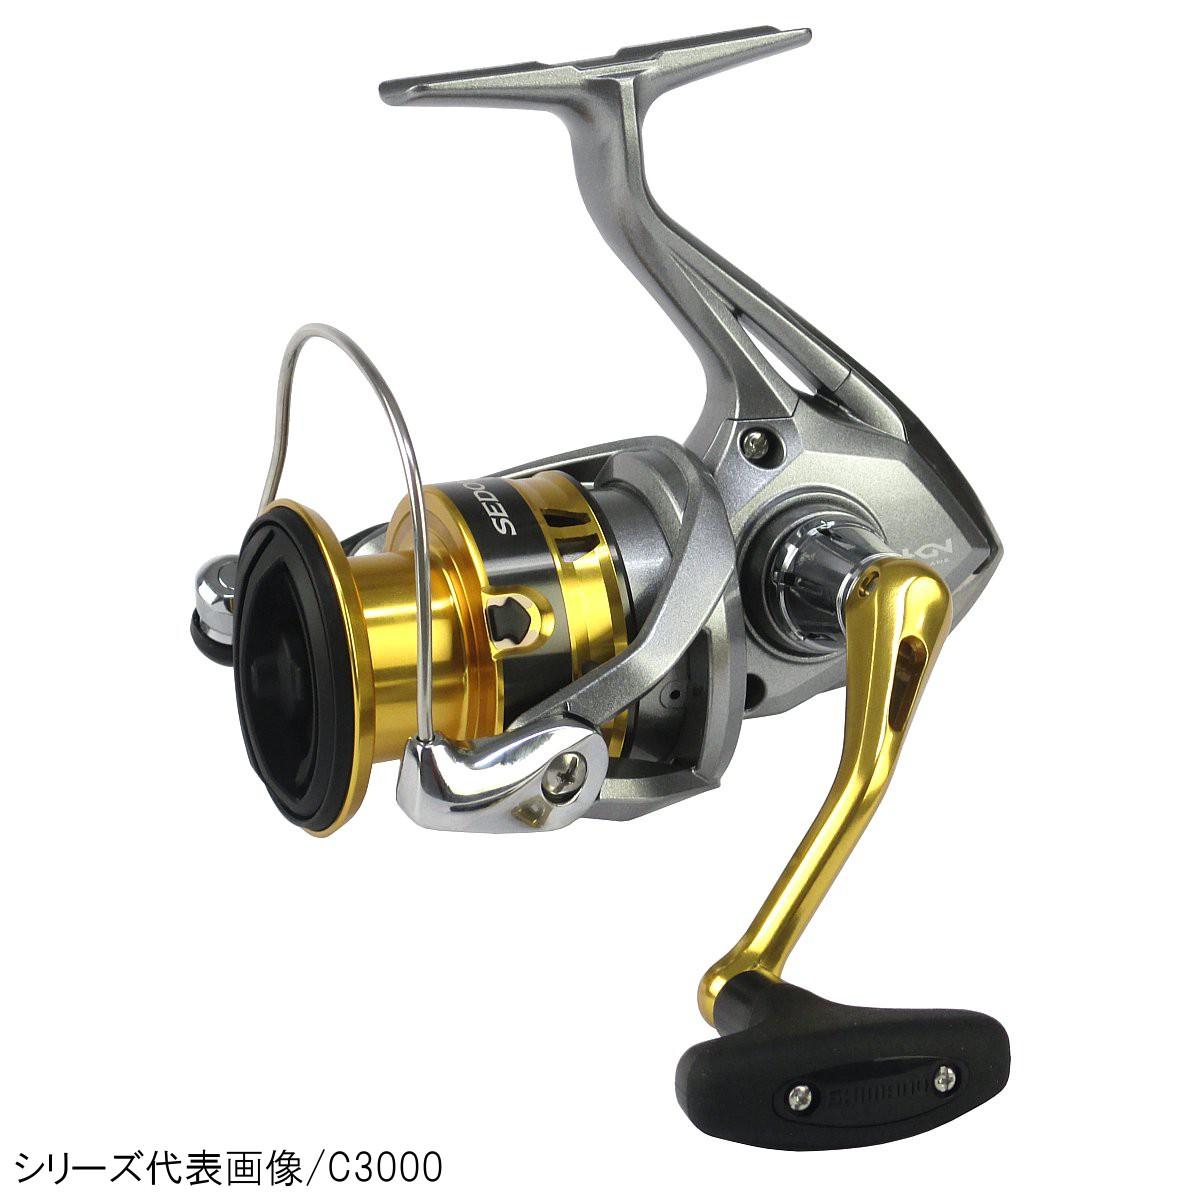 シマノ セドナ 4000XG